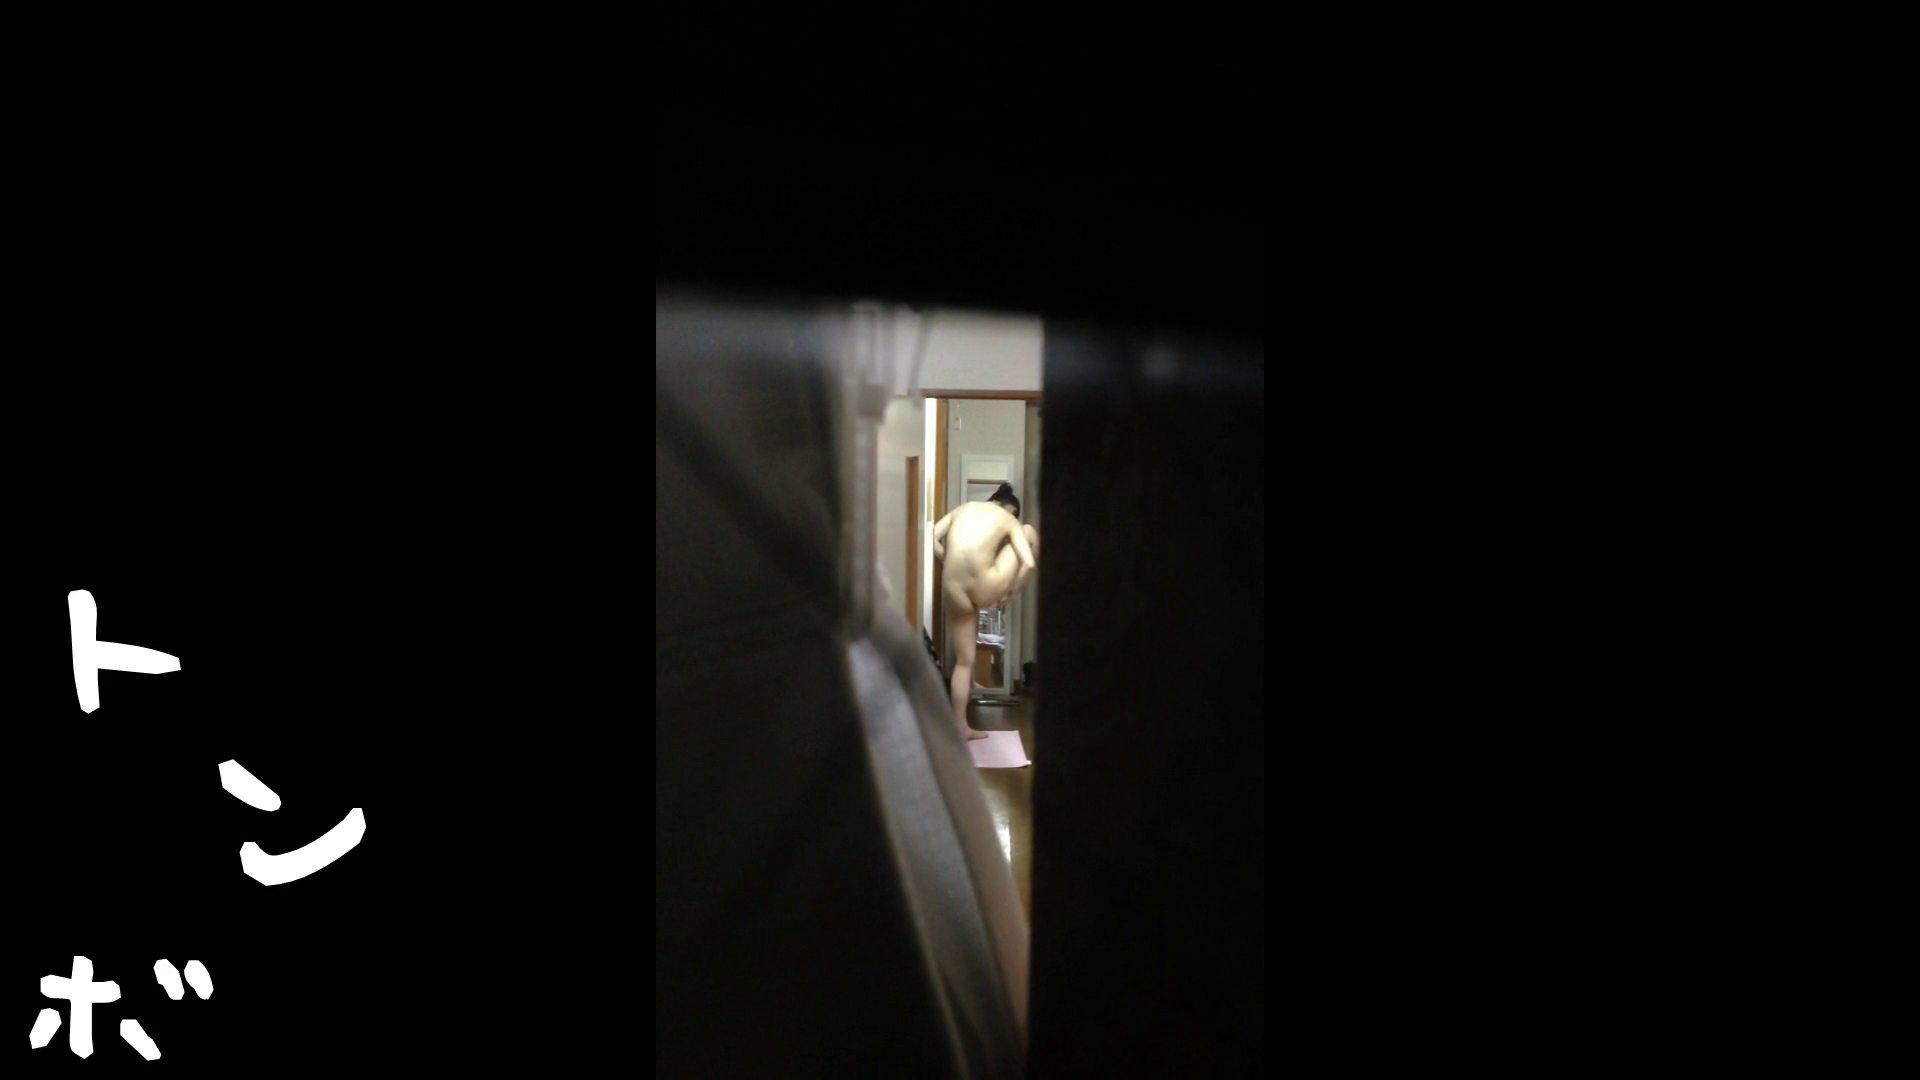 【リアル盗撮】元ジュディマリのYIUKI似 某歌手丸秘ヌード 潜入エロ調査   美女達のヌード  61連発 48